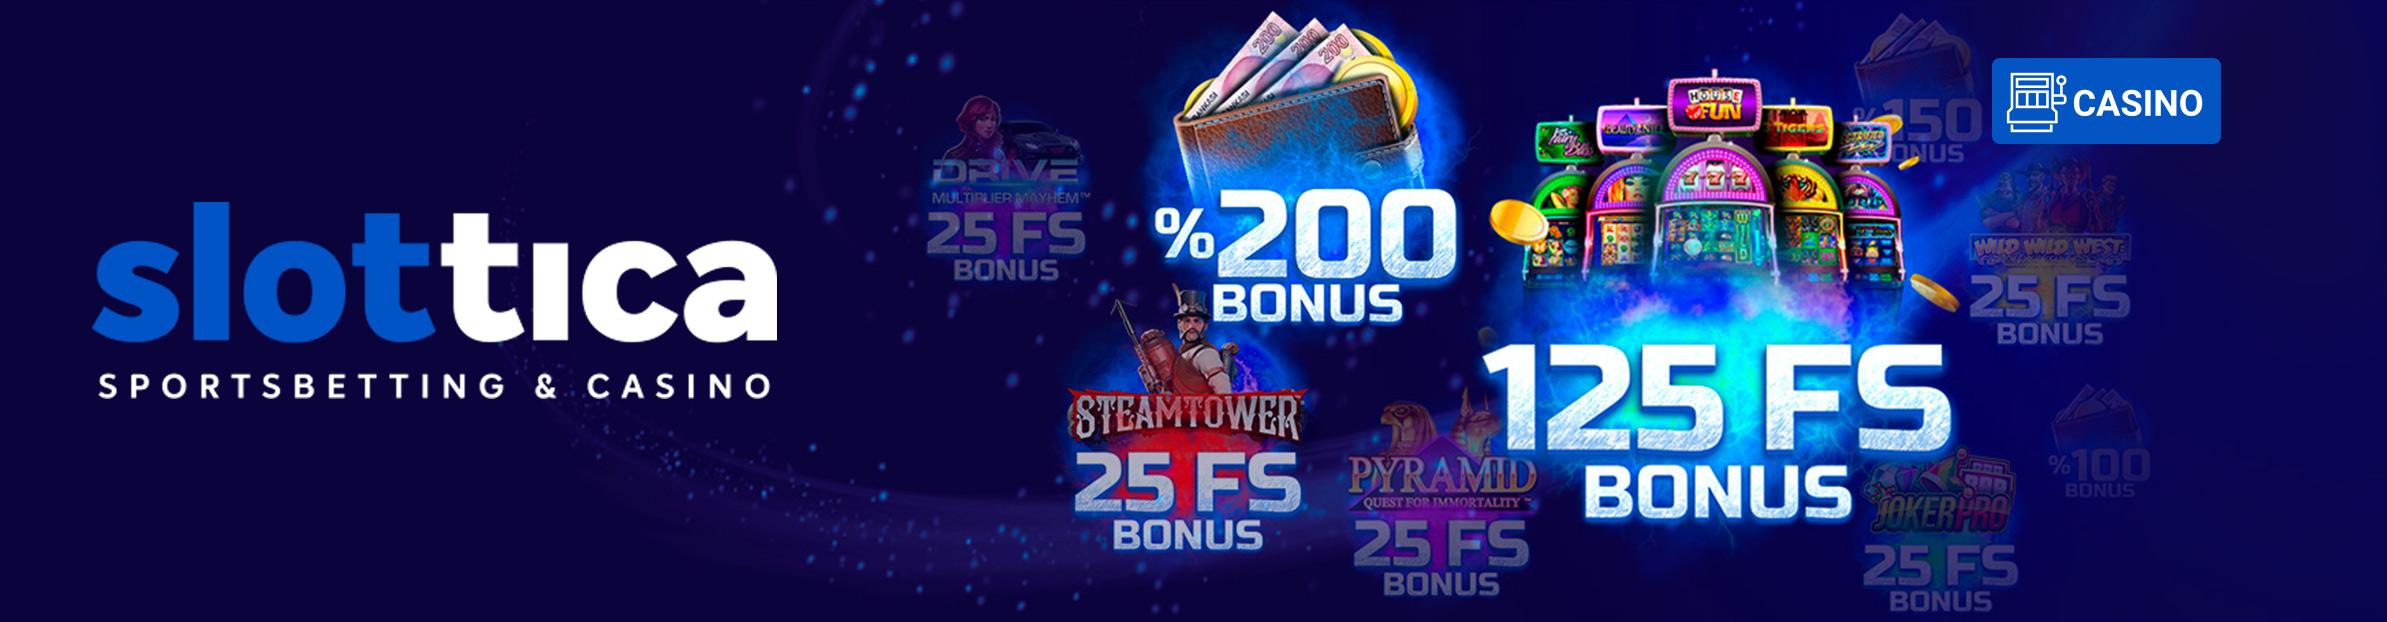 Slottica Bonus